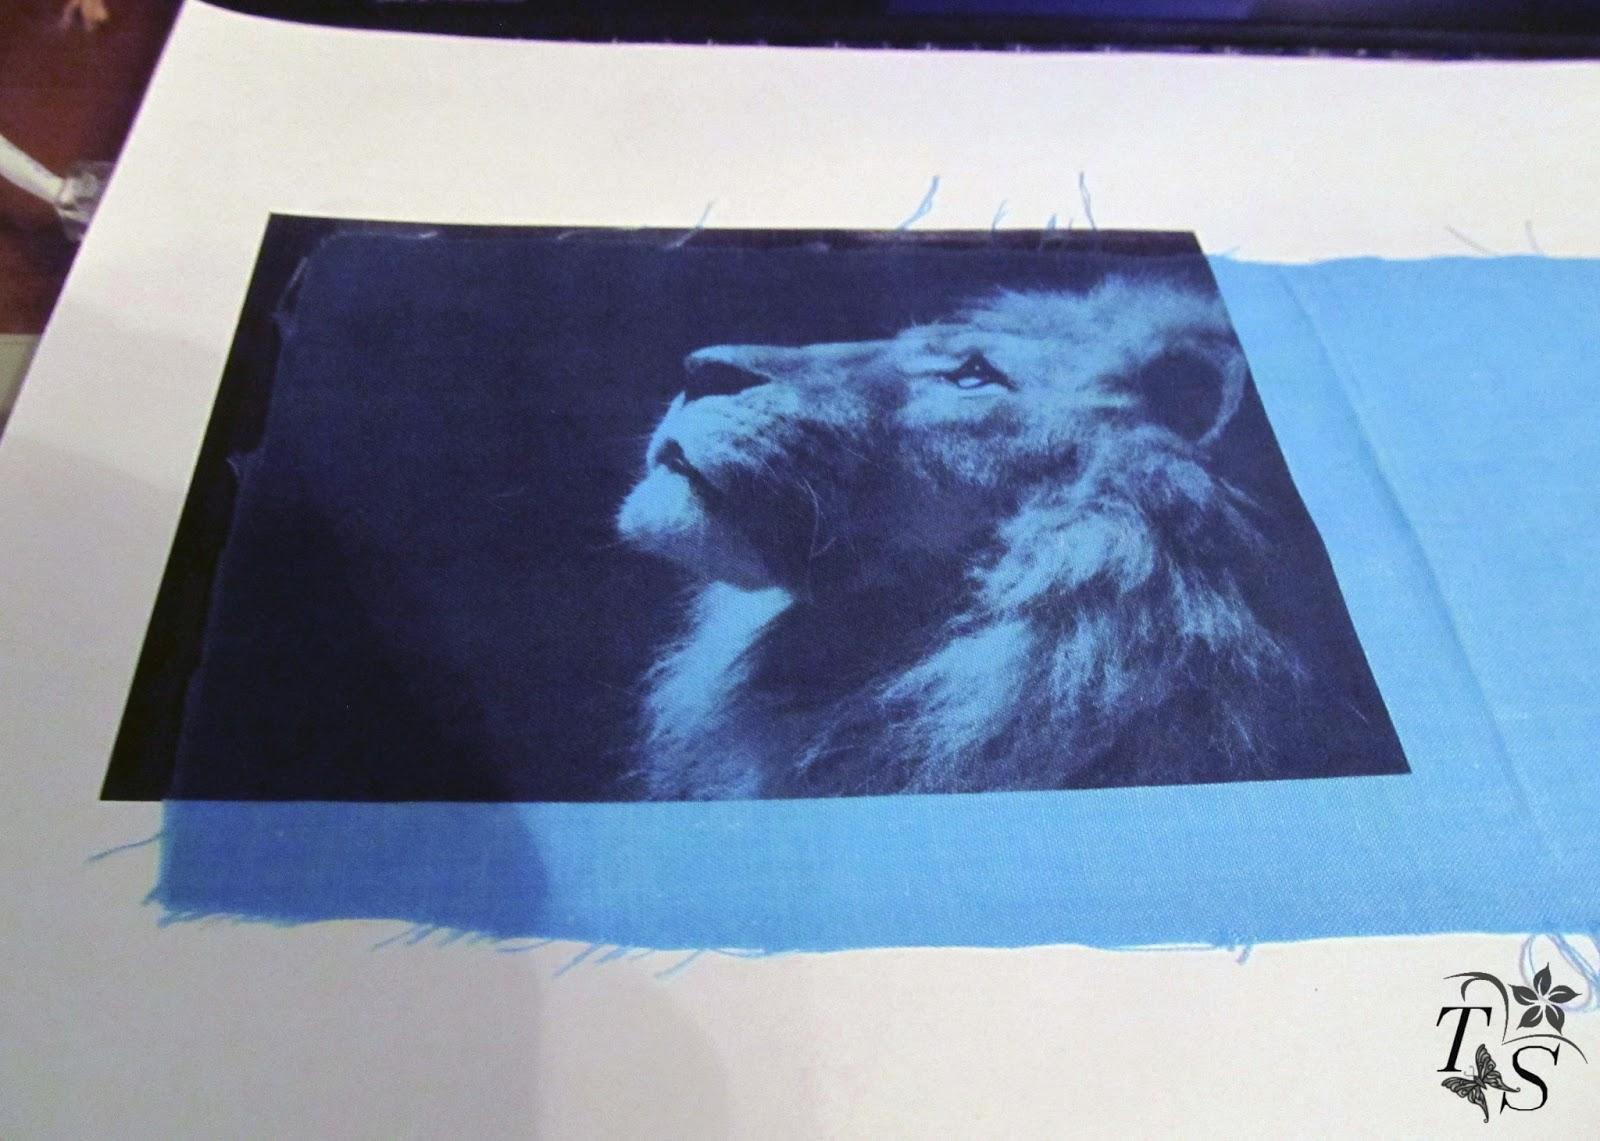 Мегафлаг Флаги и флагштоки - изготовление и продажа 6